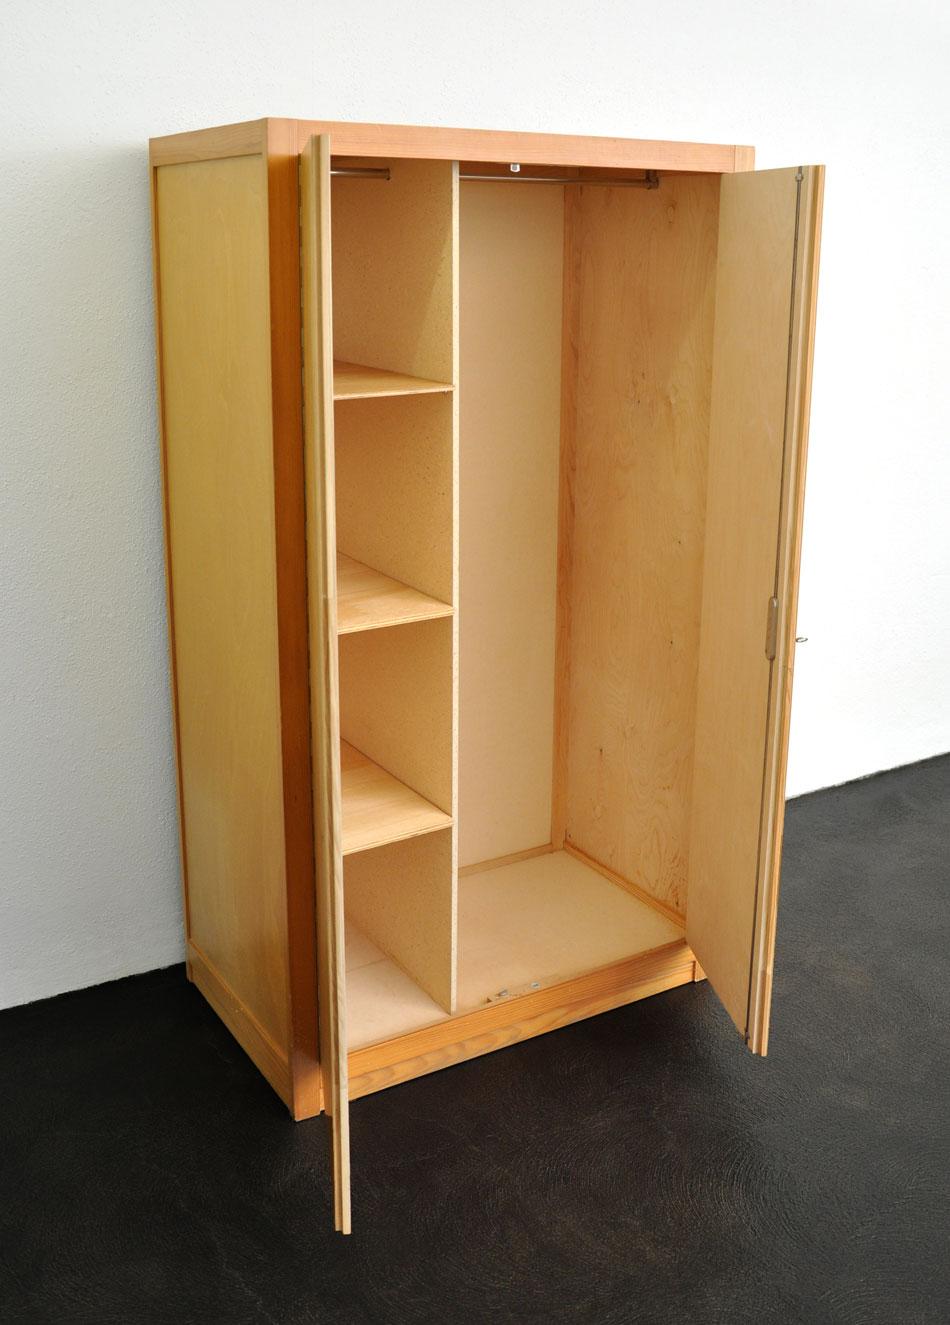 Schrank Schweizer Hersteller - Cooper73 - Vintage Möbel Winterthur